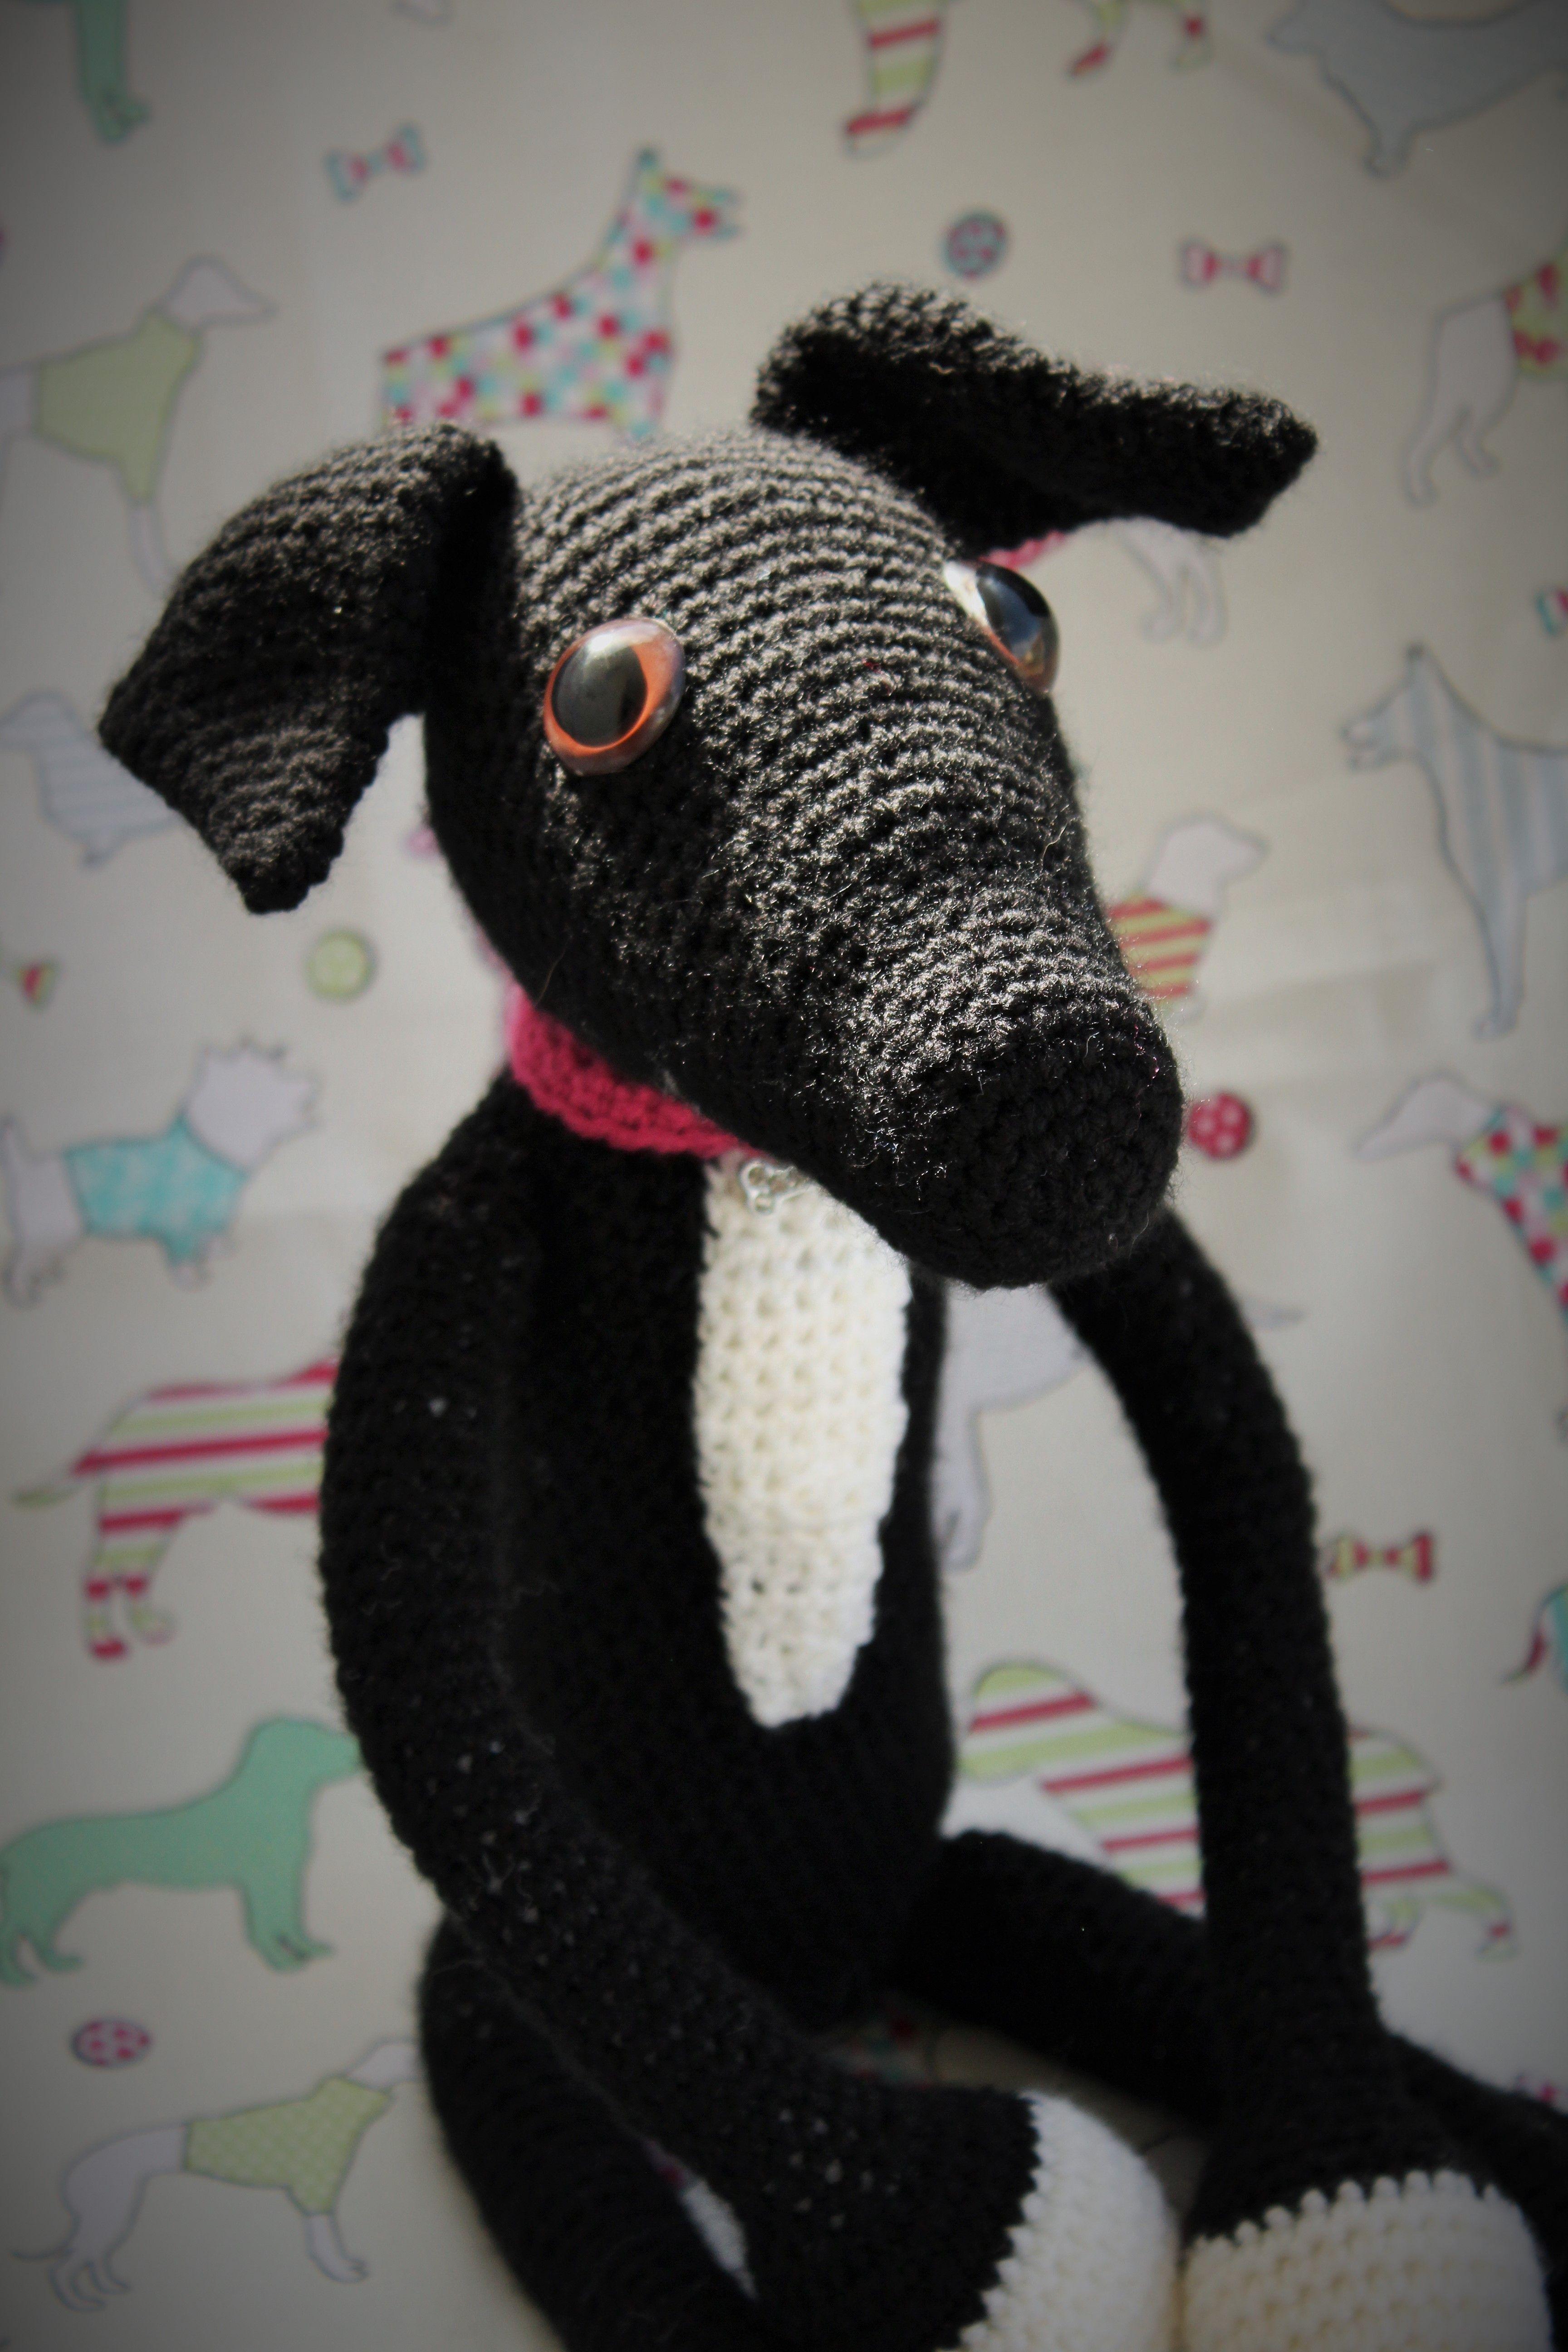 Black Greyhound amigurumi crochet my design | lurchers | Pinterest